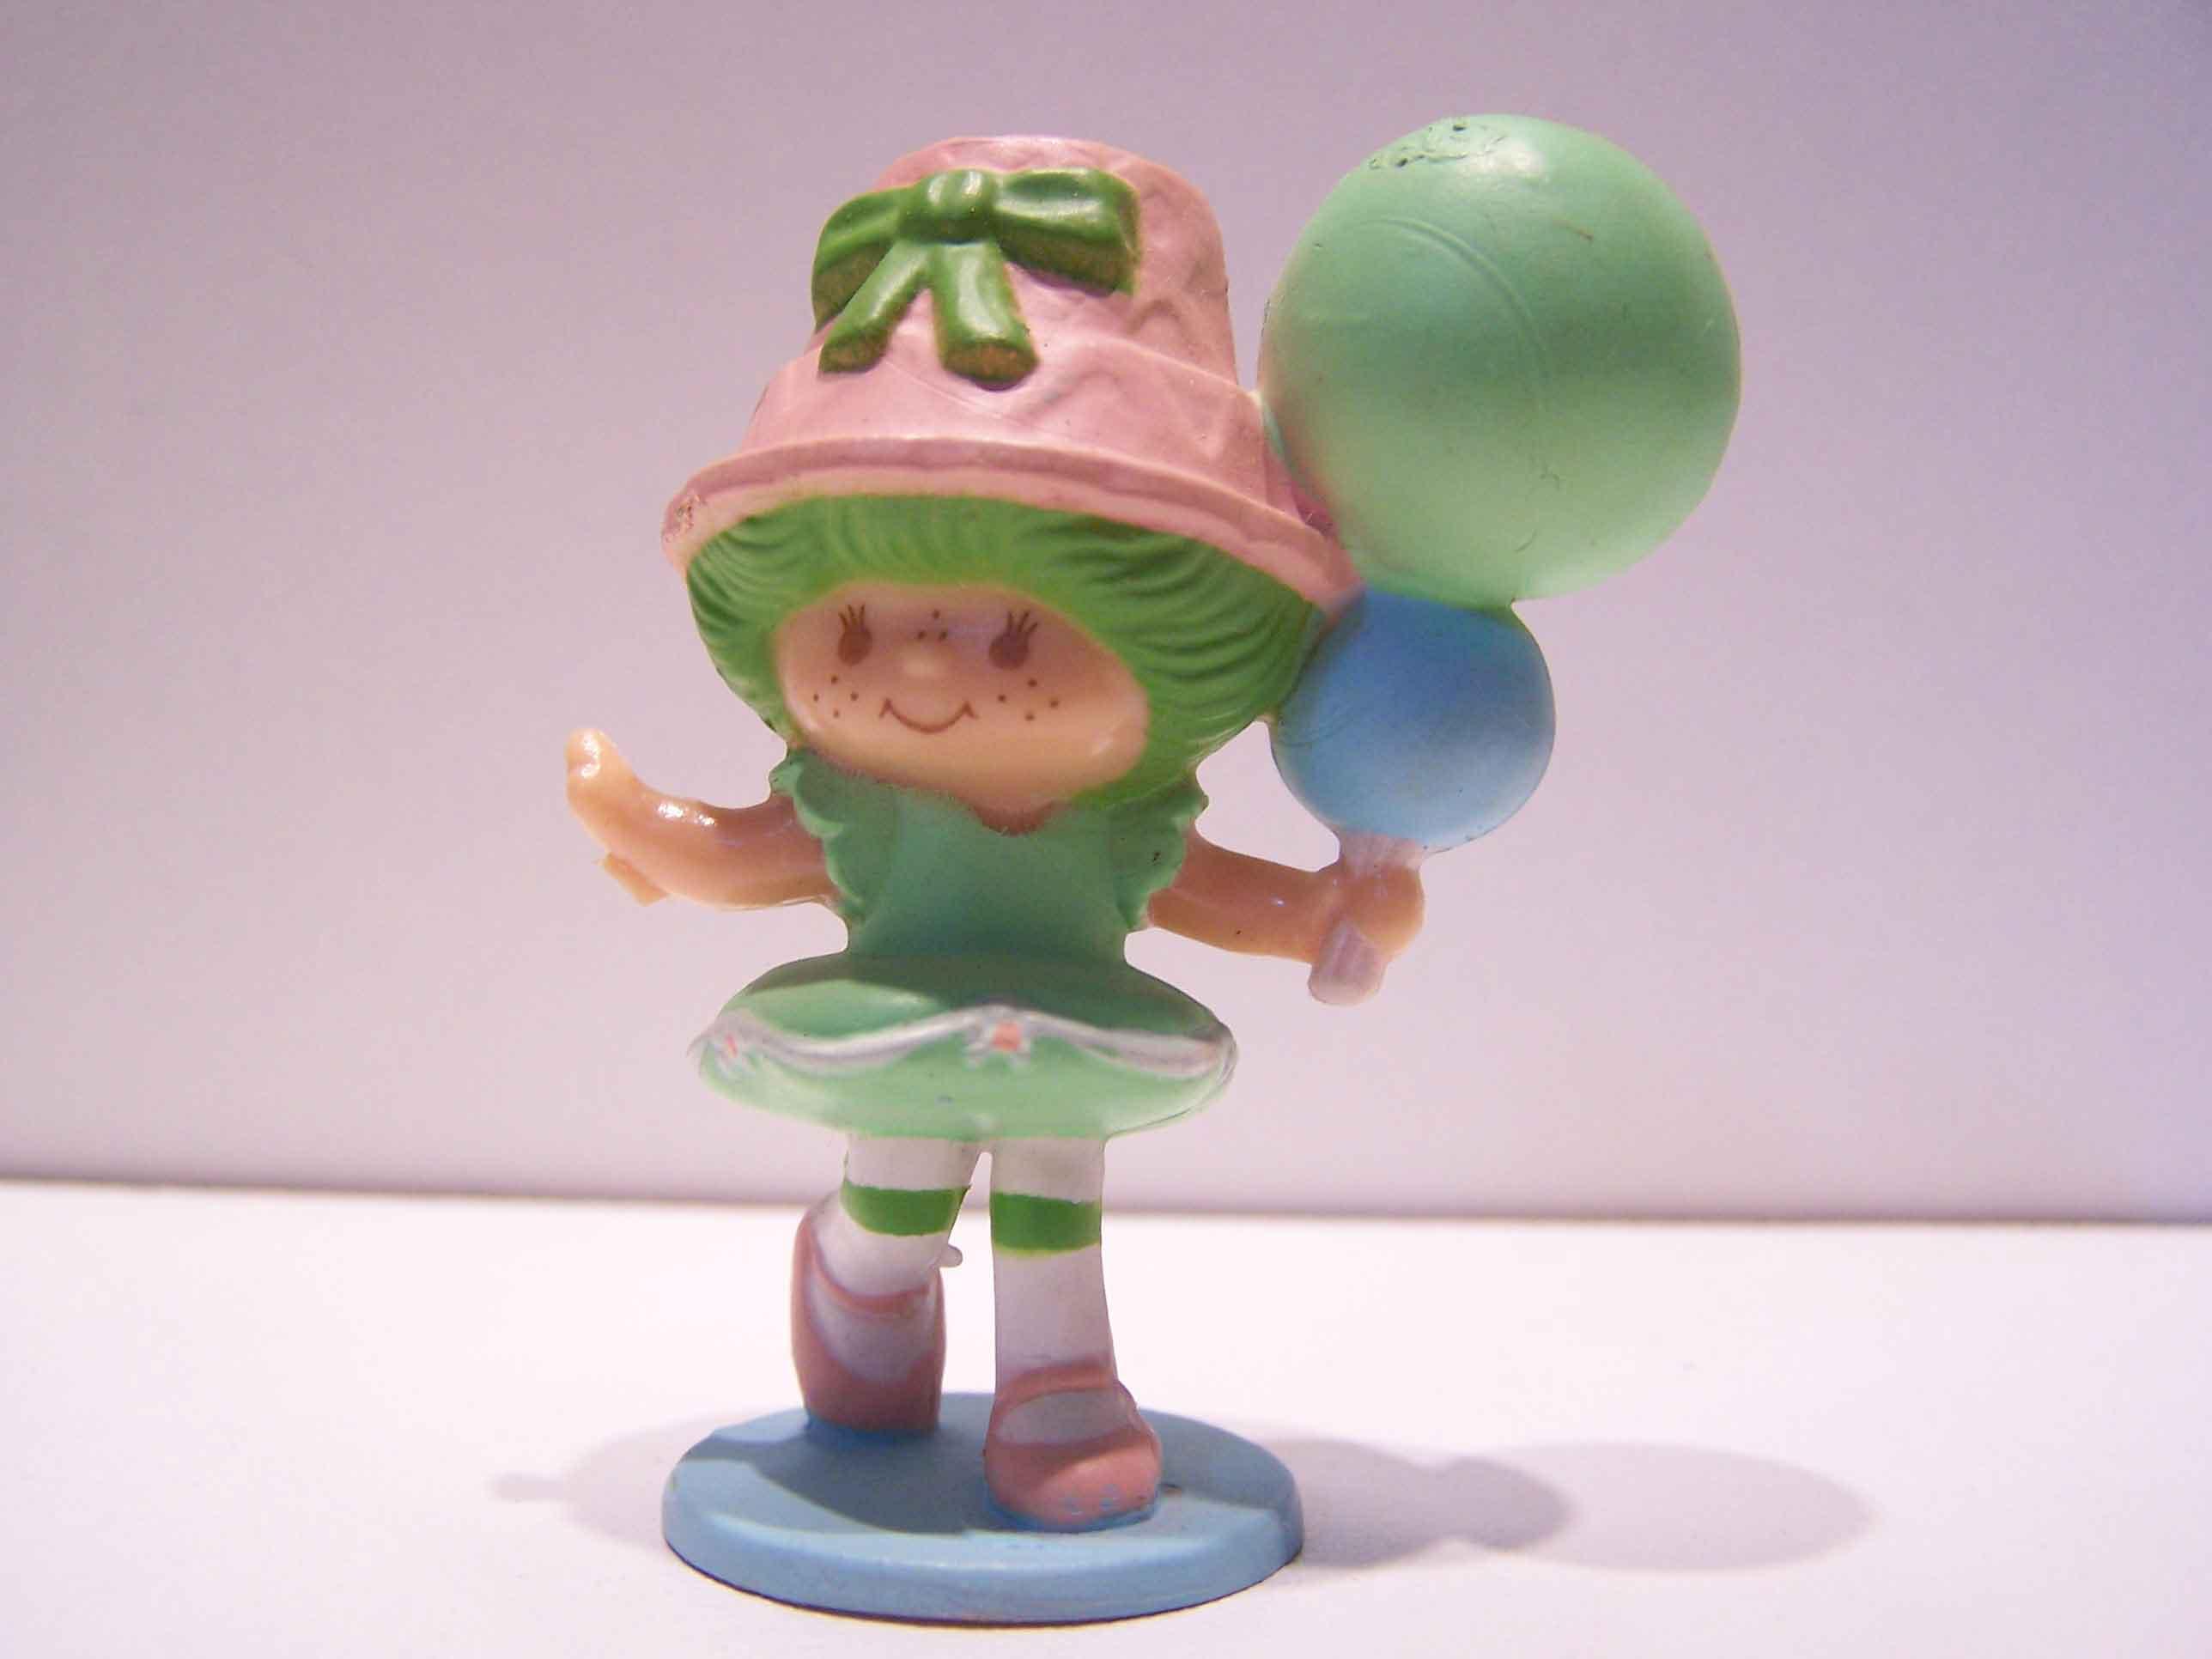 Amazoncom: vintage strawberry shortcake dolls: Toys & Games